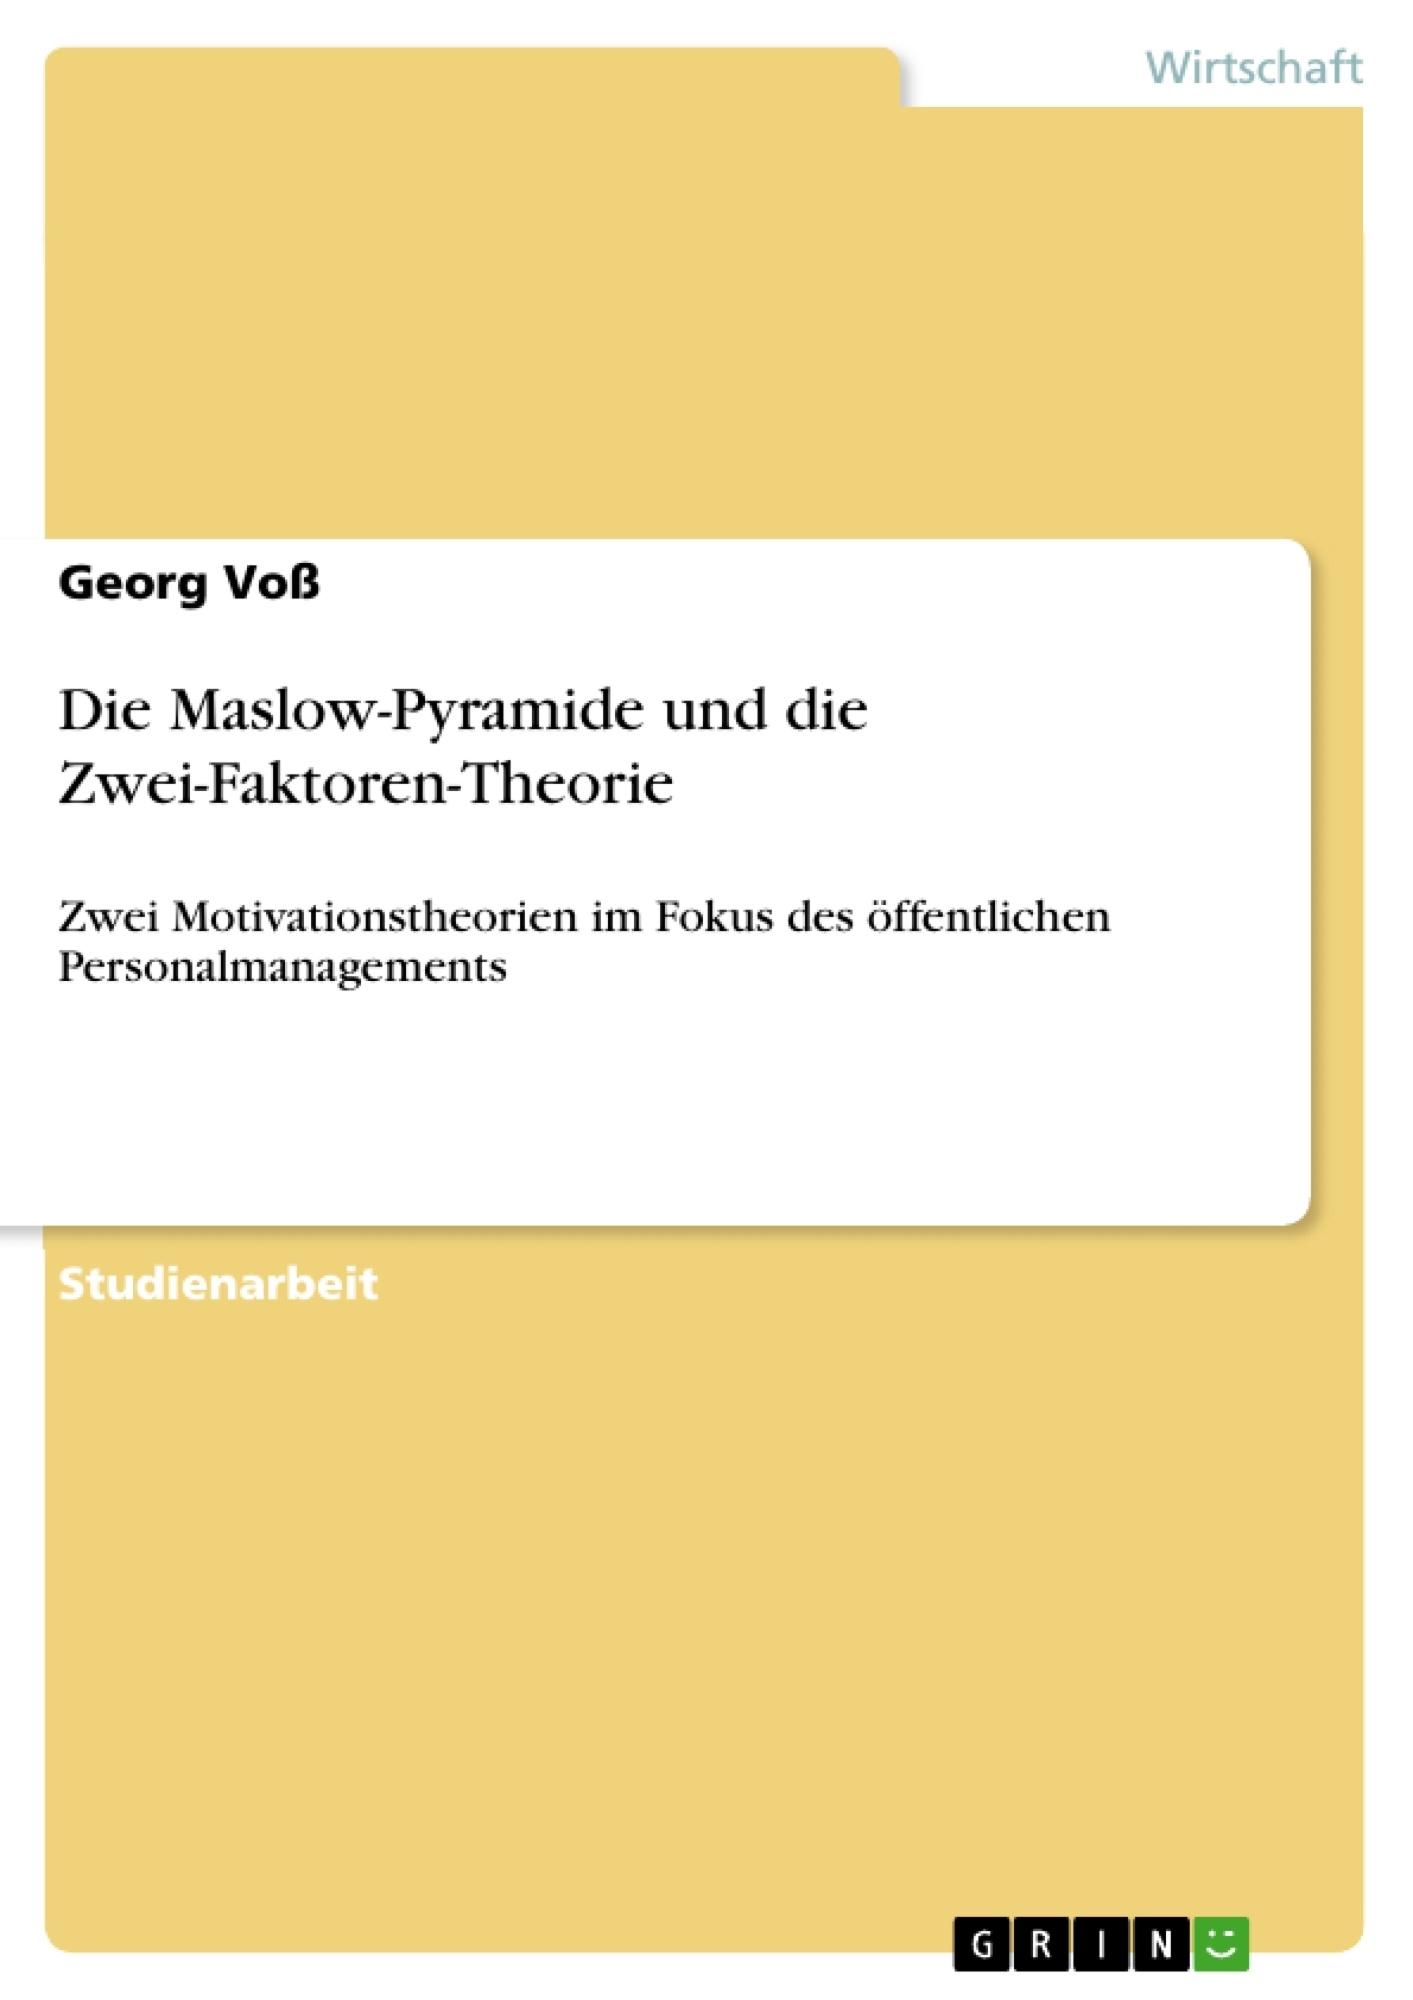 Titel: Die Maslow-Pyramide und die Zwei-Faktoren-Theorie